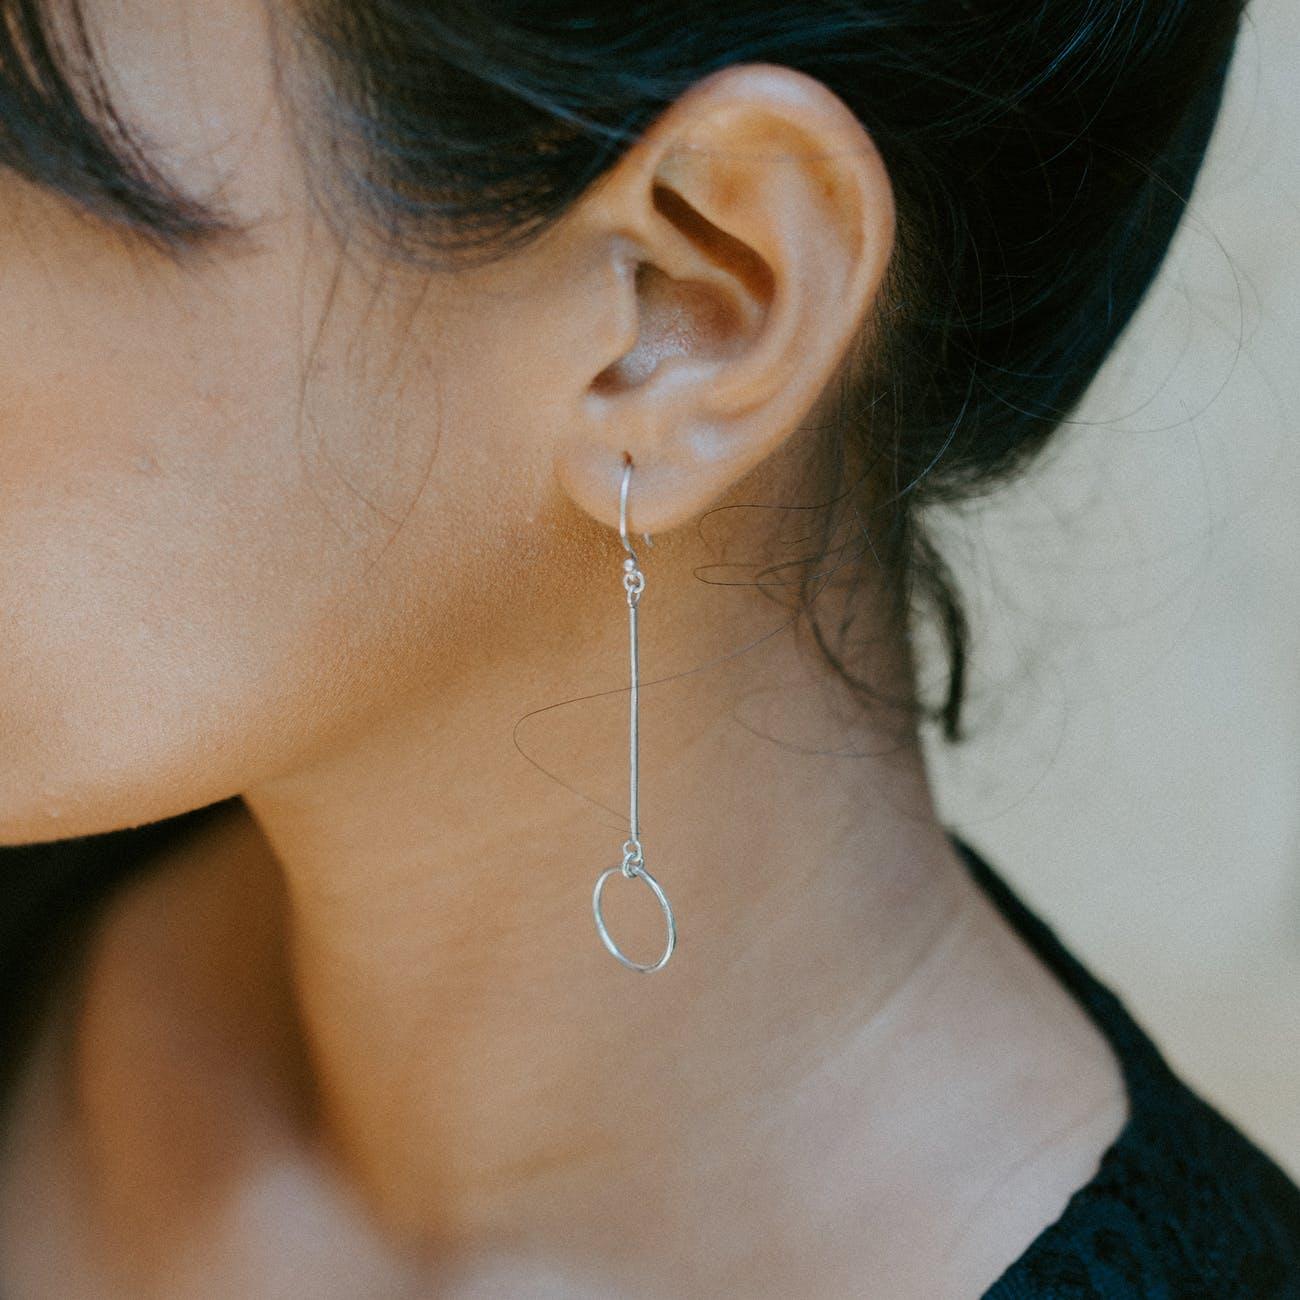 woman wearing silver colored earrings after ear piercing